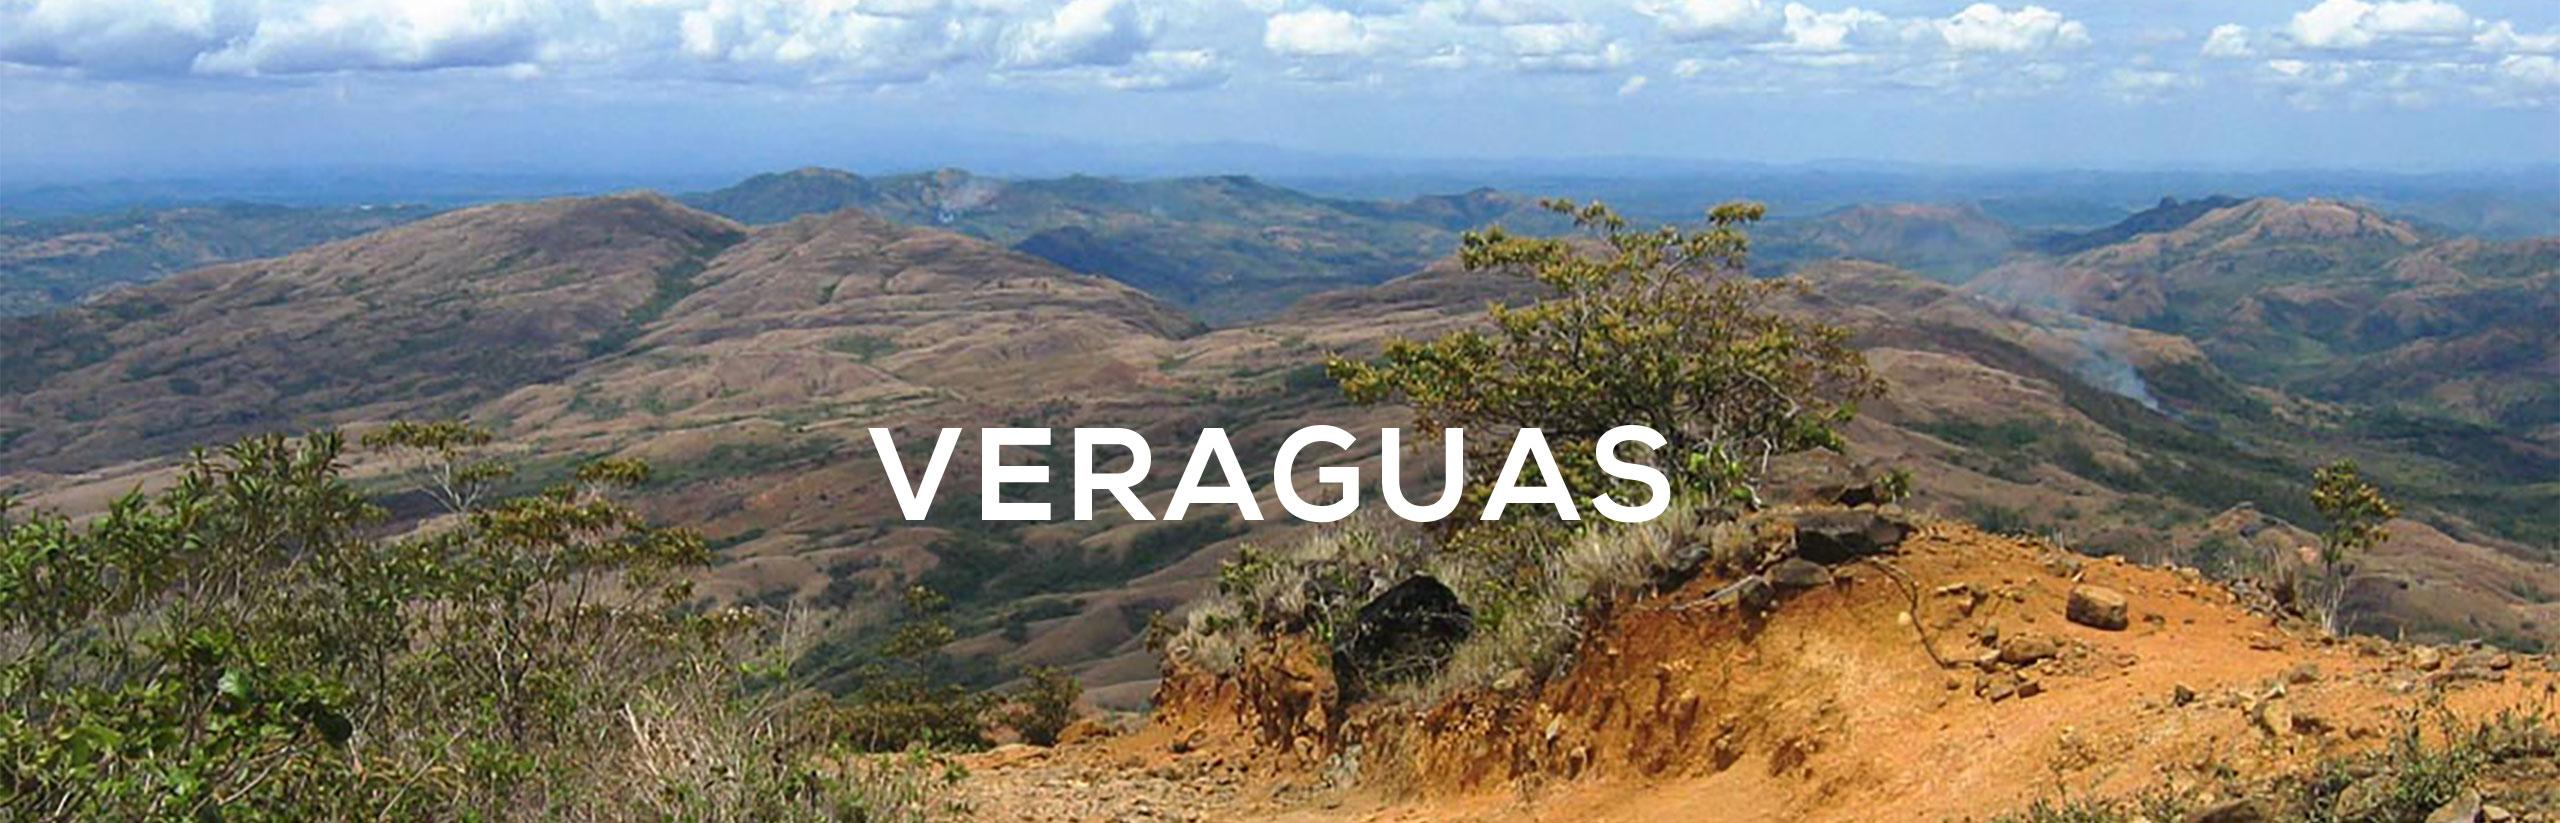 veraguas-banner